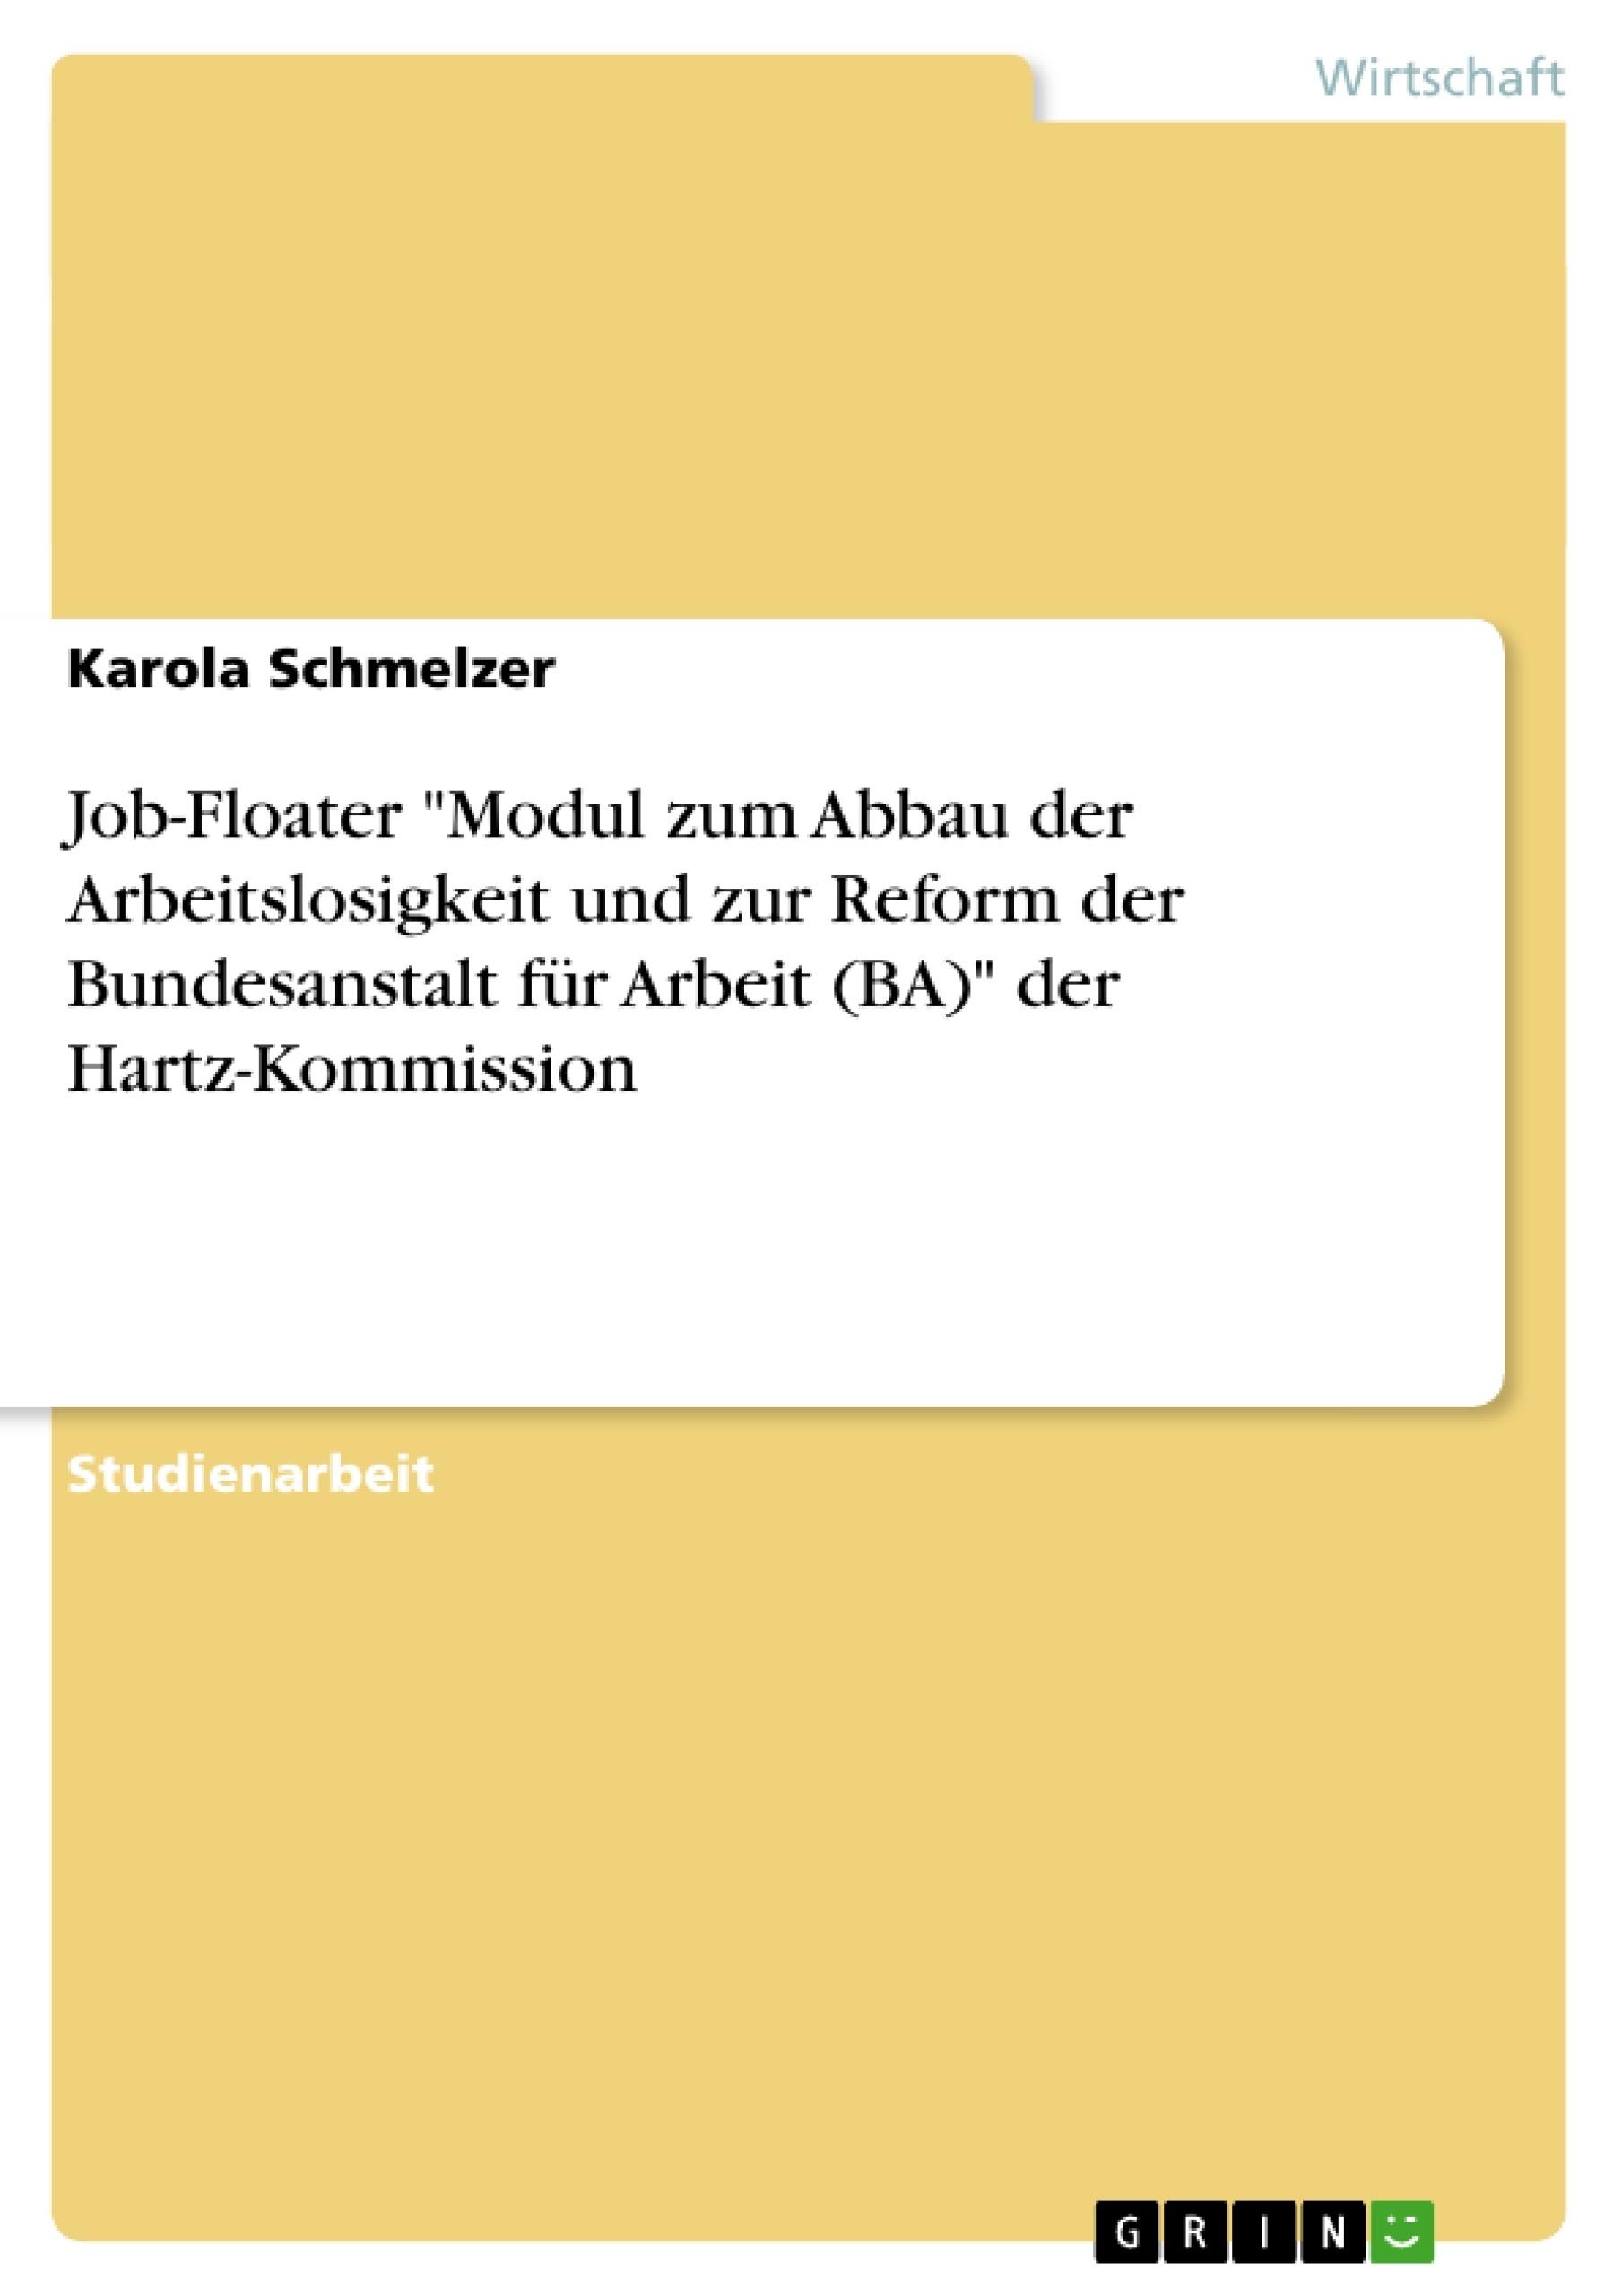 """Titel: Job-Floater """"Modul zum Abbau der Arbeitslosigkeit und zur Reform der Bundesanstalt für Arbeit (BA)"""" der Hartz-Kommission"""